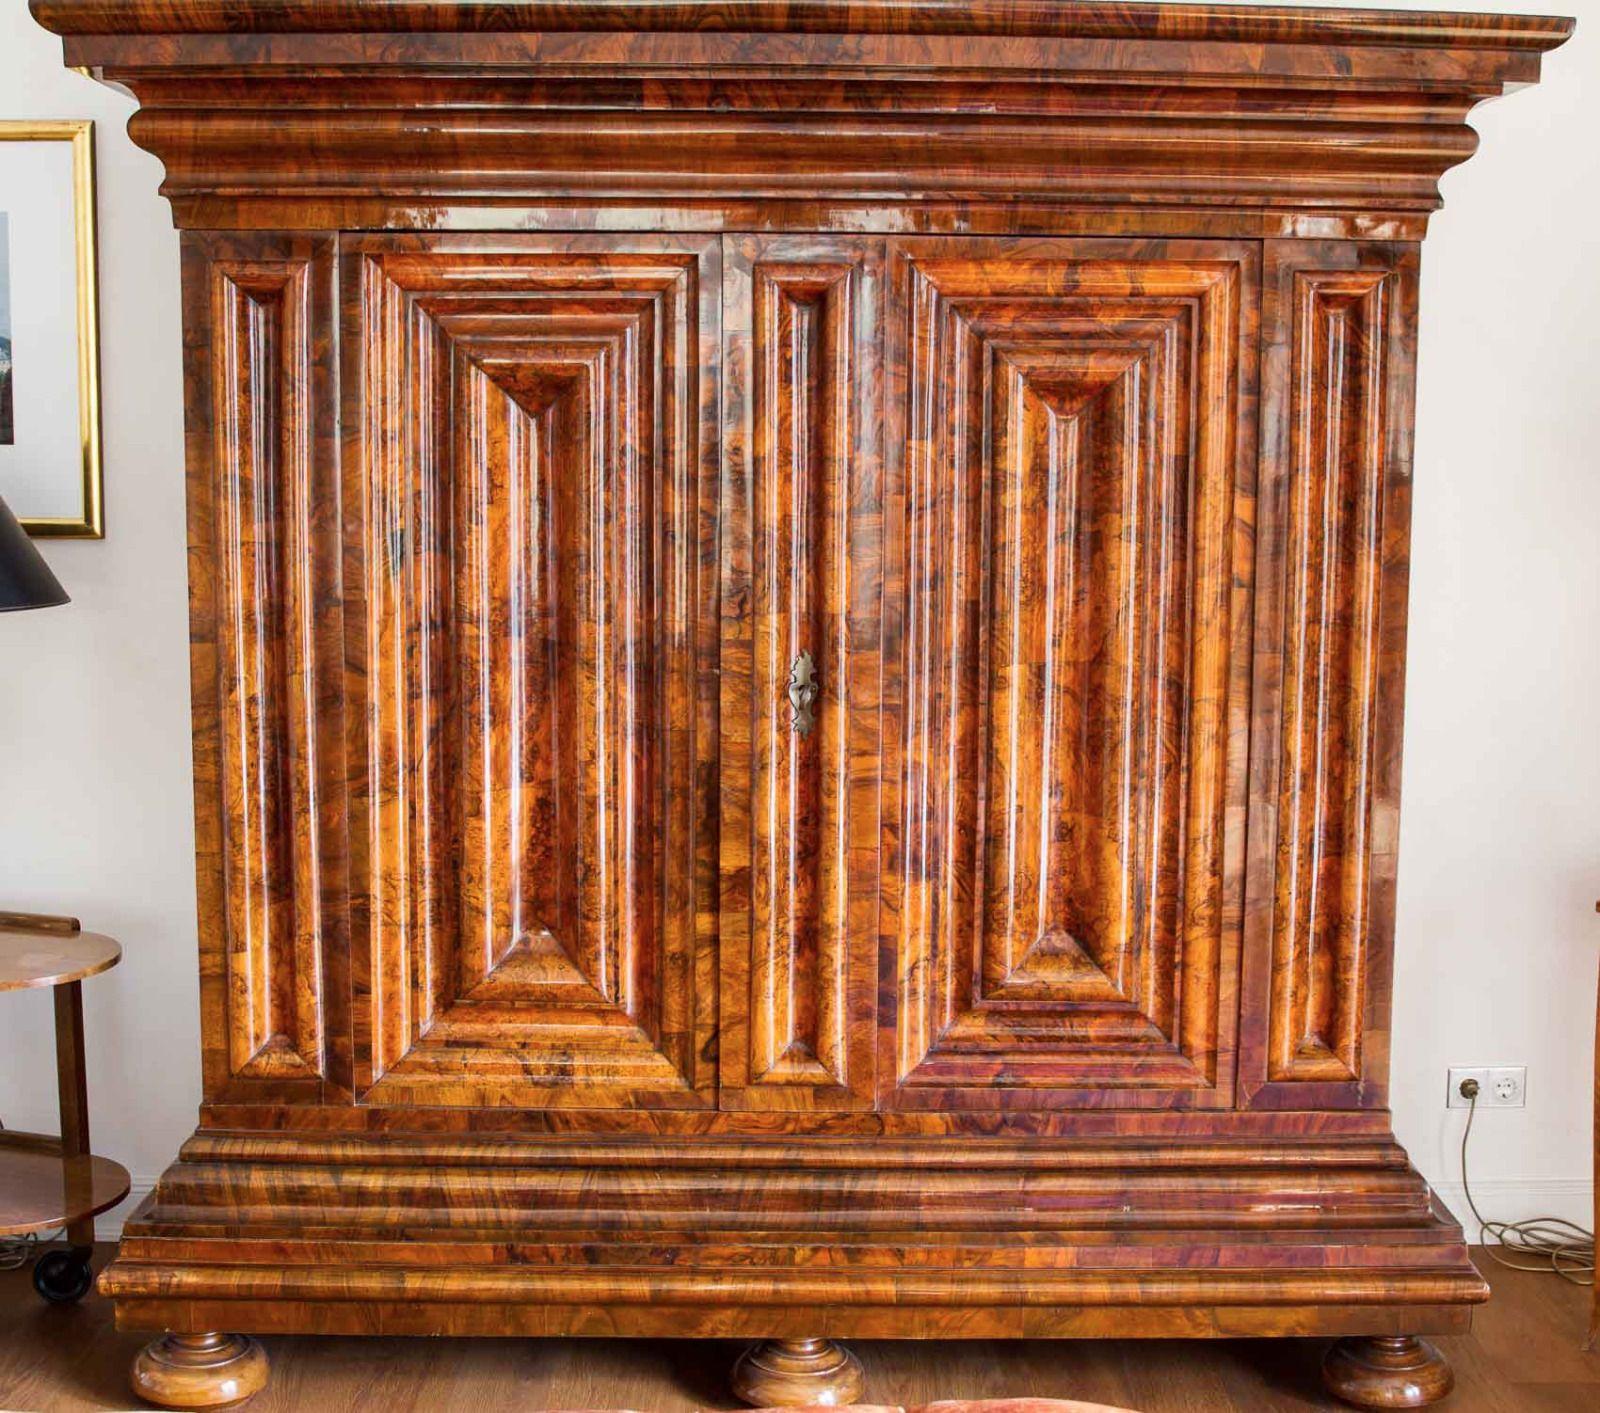 Frankfurter Wellenschrank Original Nussbaum In Antiquitaten Amp Kunst Mobiliar Amp Interieur Schranke Ebay Ebay Antike Wolle Kaufen